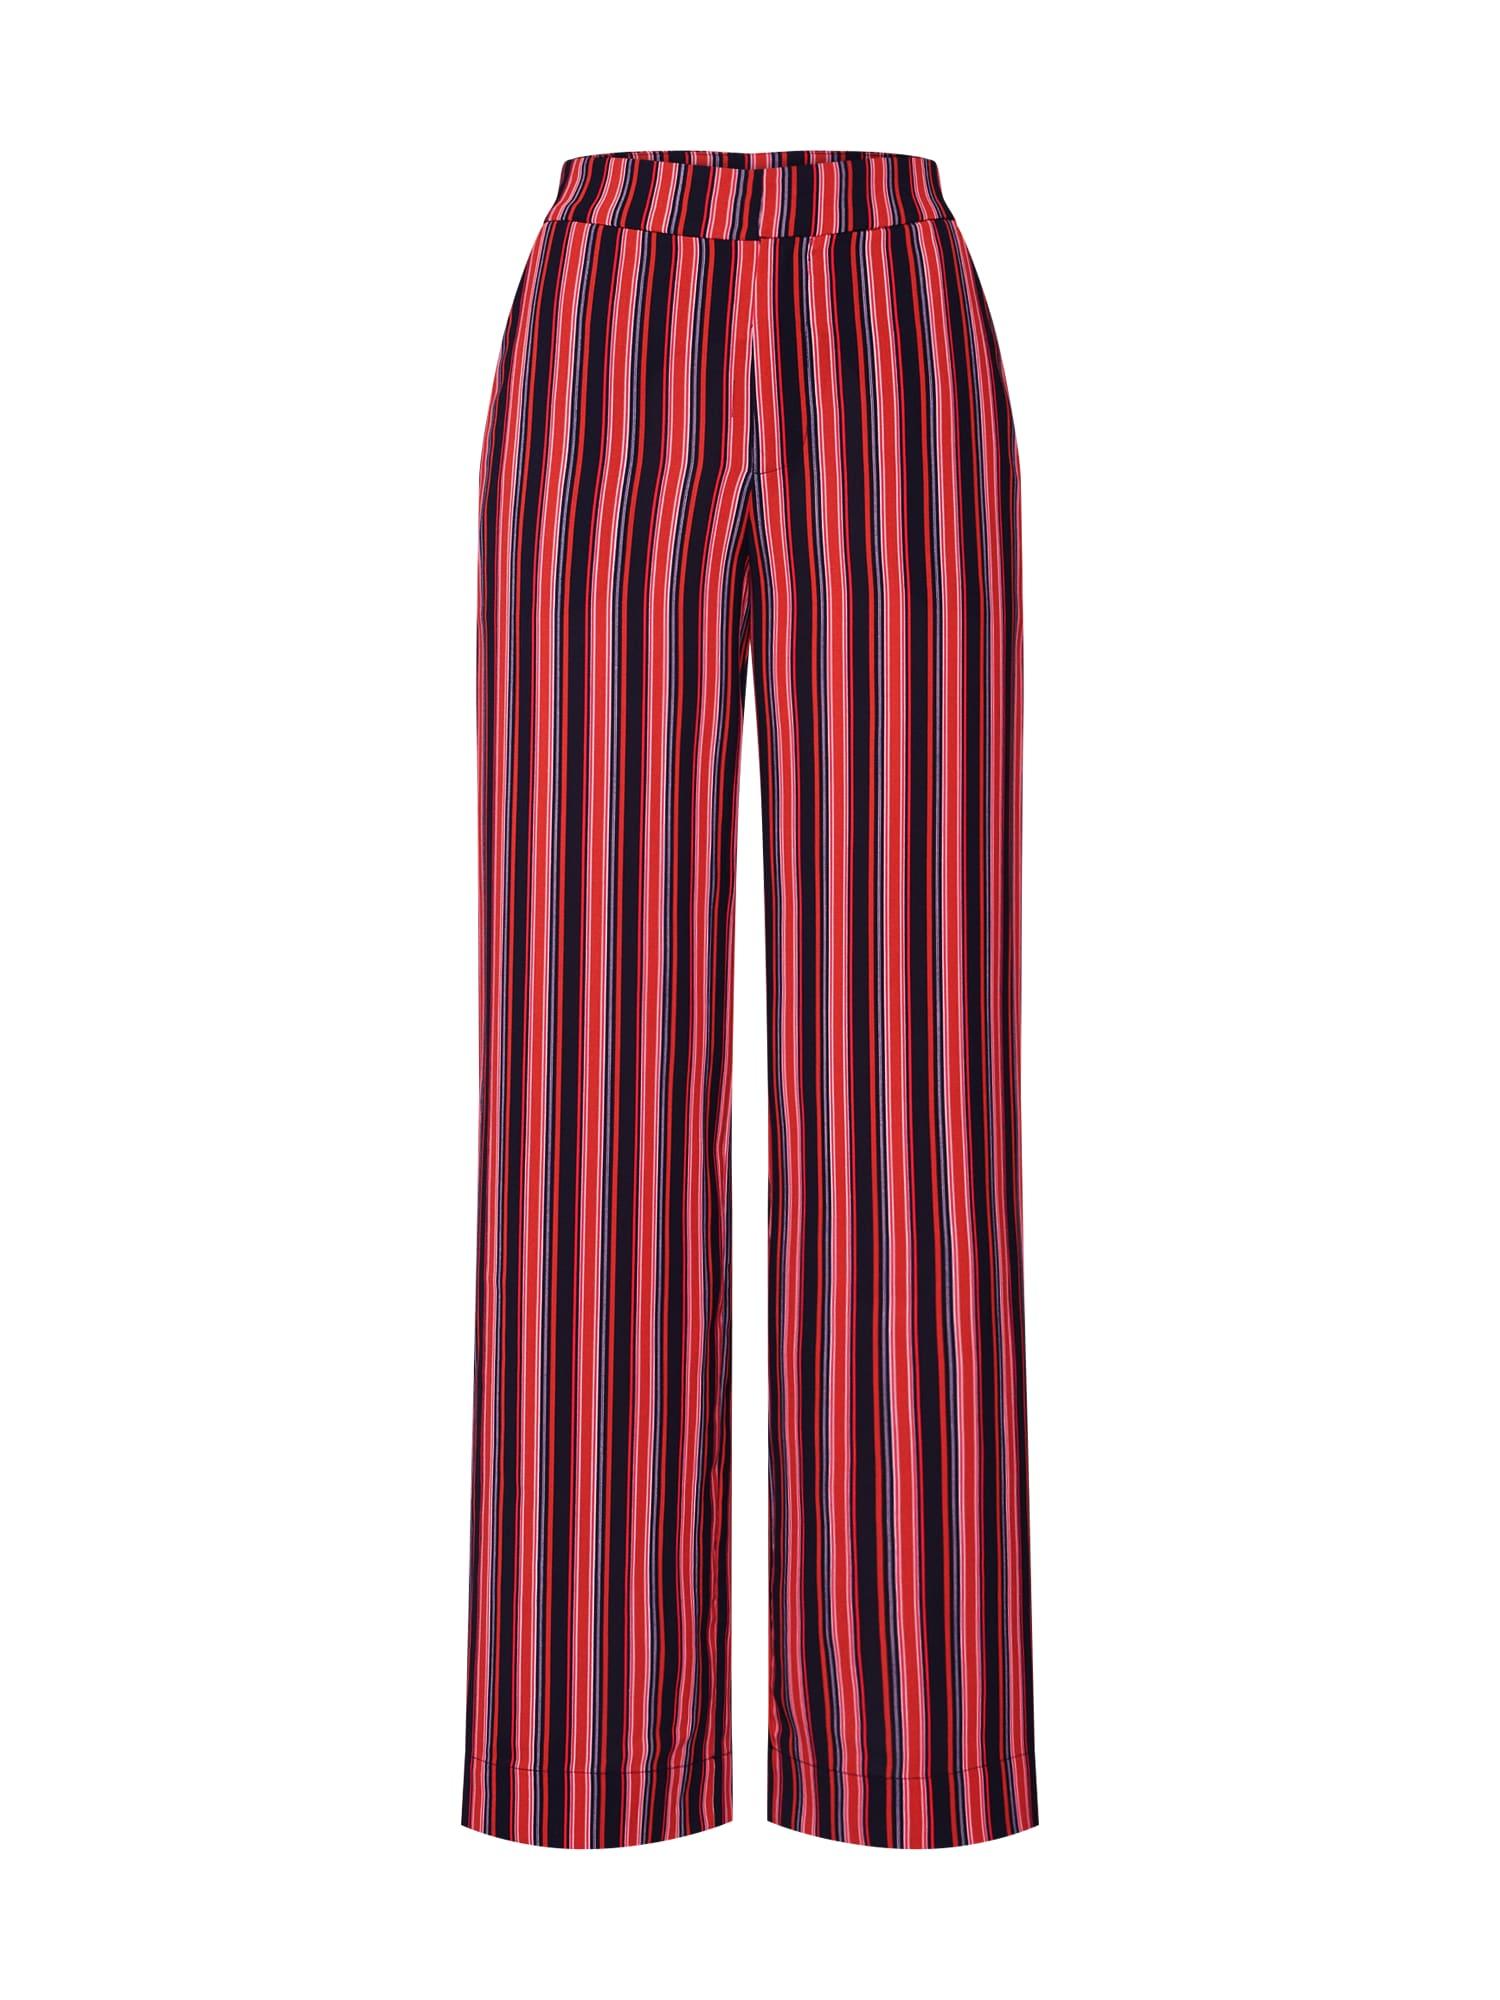 Kalhoty Tilly pink červená černá Gestuz